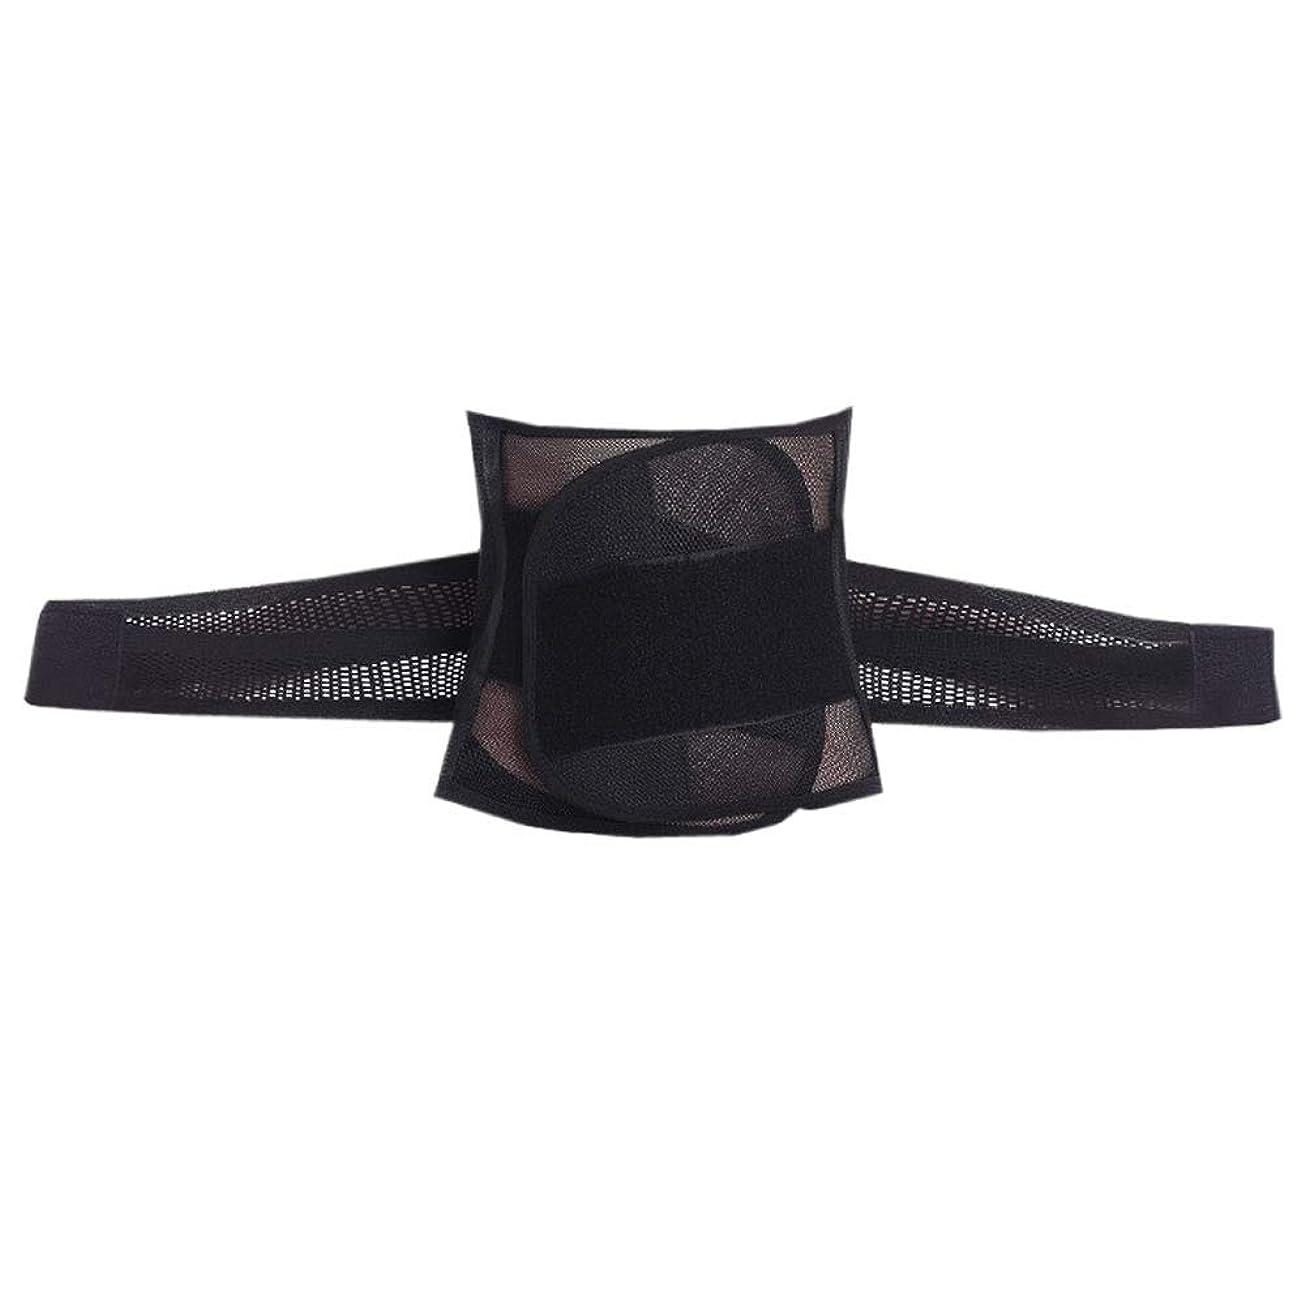 教えてジャンク効率的1stモール 腰用 腰痛対策 くびれ 腰痛ベルト ウエストニッパー ダイエット サポーター ST-BIBODYCOL-XL